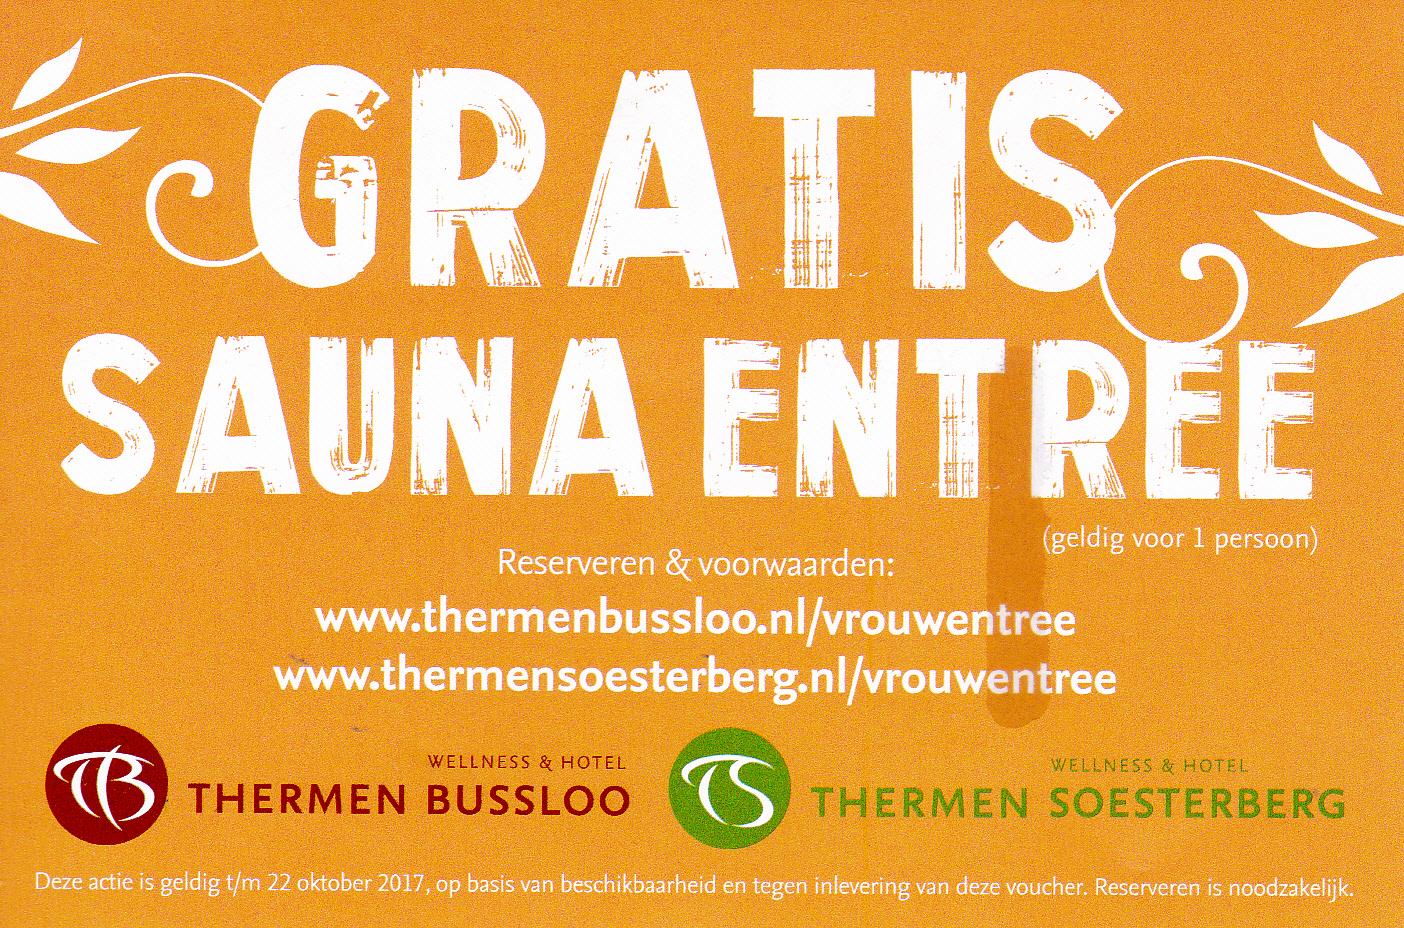 Populair Gratis Sauna entree (Bussloo + Soesterberg) @ Telegraaf - Pepper.com @US-74